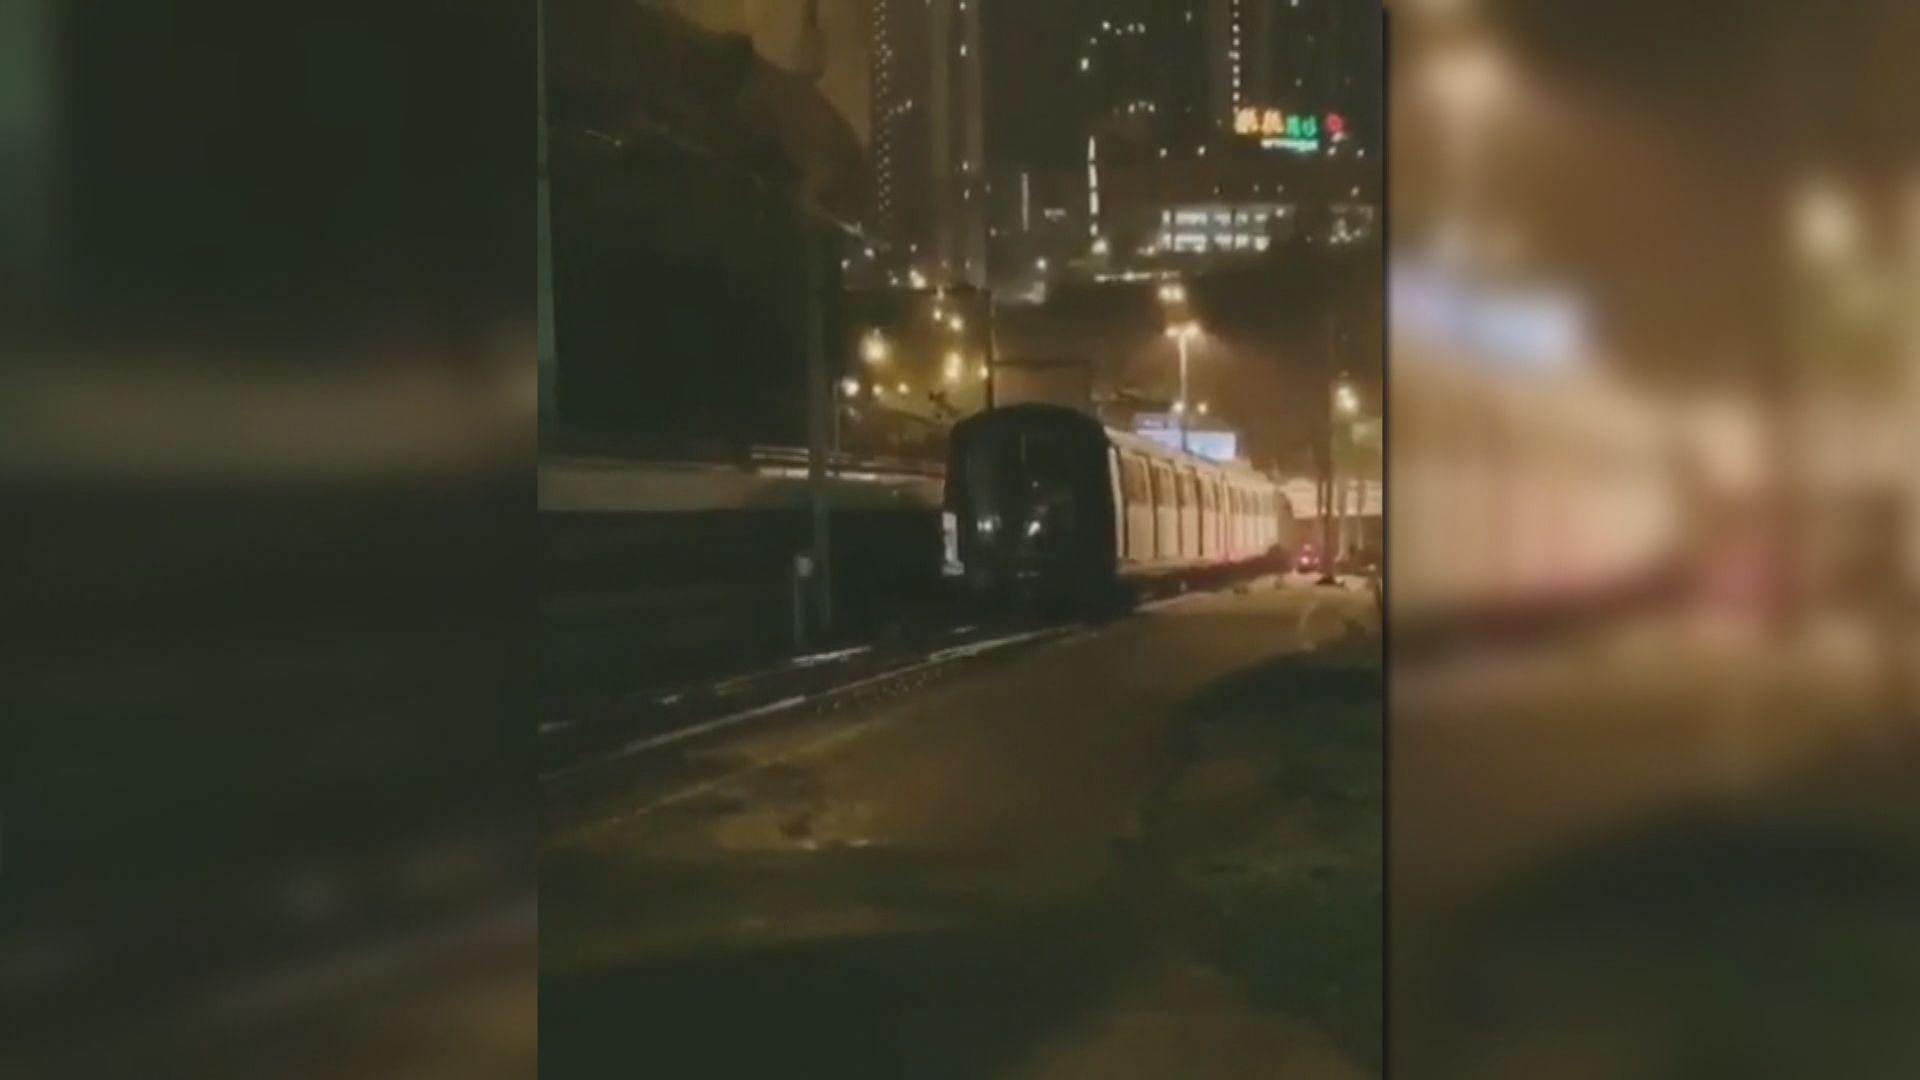 港鐵兩列車相撞 餘下三卡仍在金鐘側線